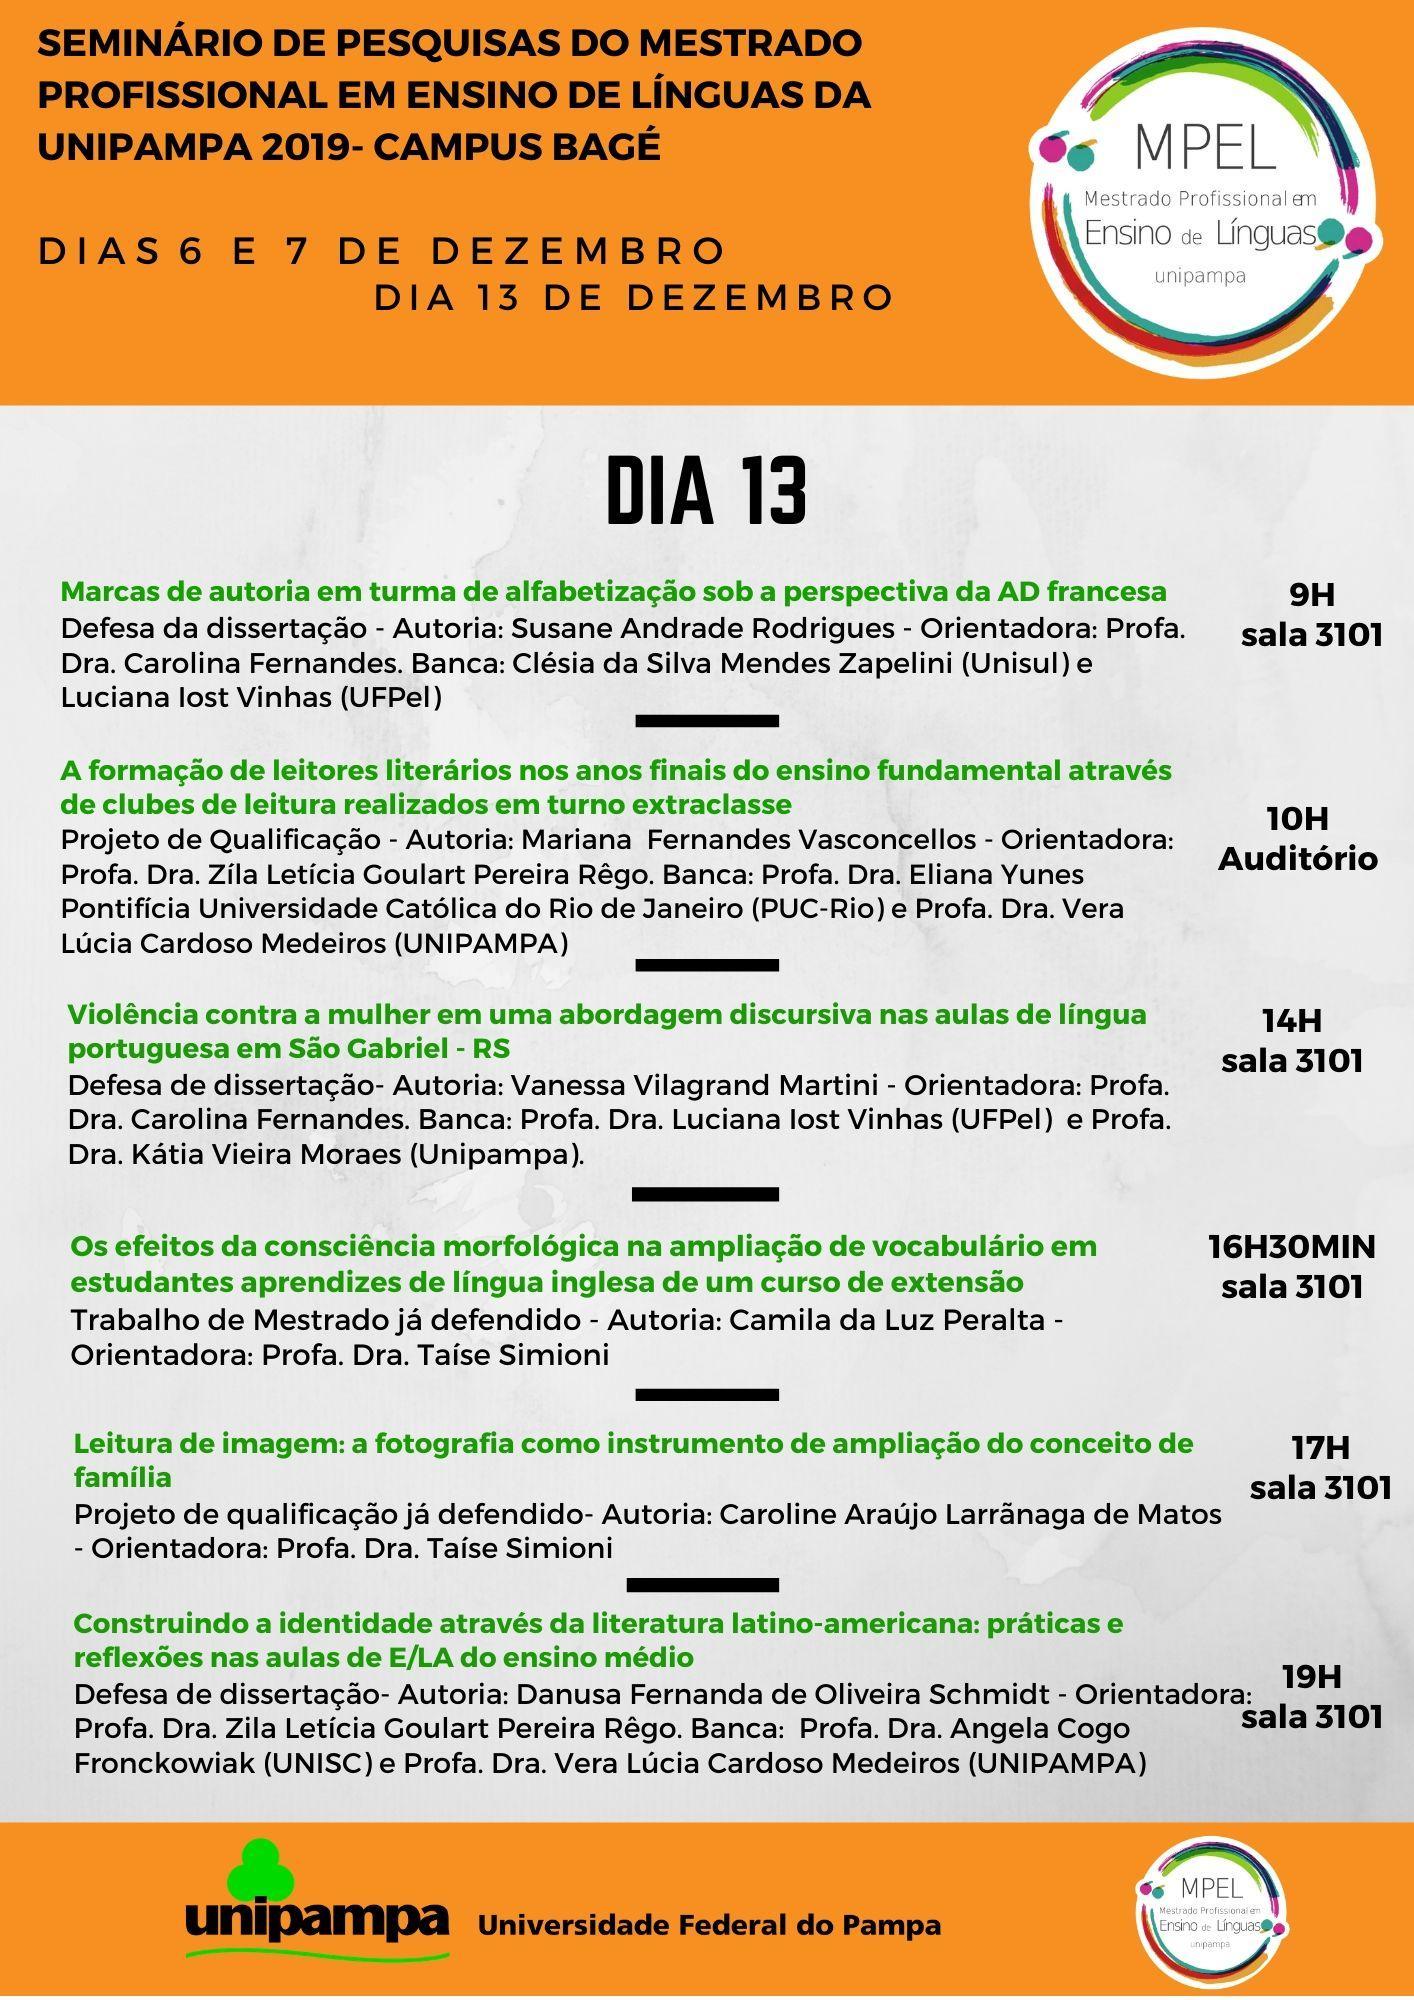 Imagem com a lista da programação do dia 13/12.